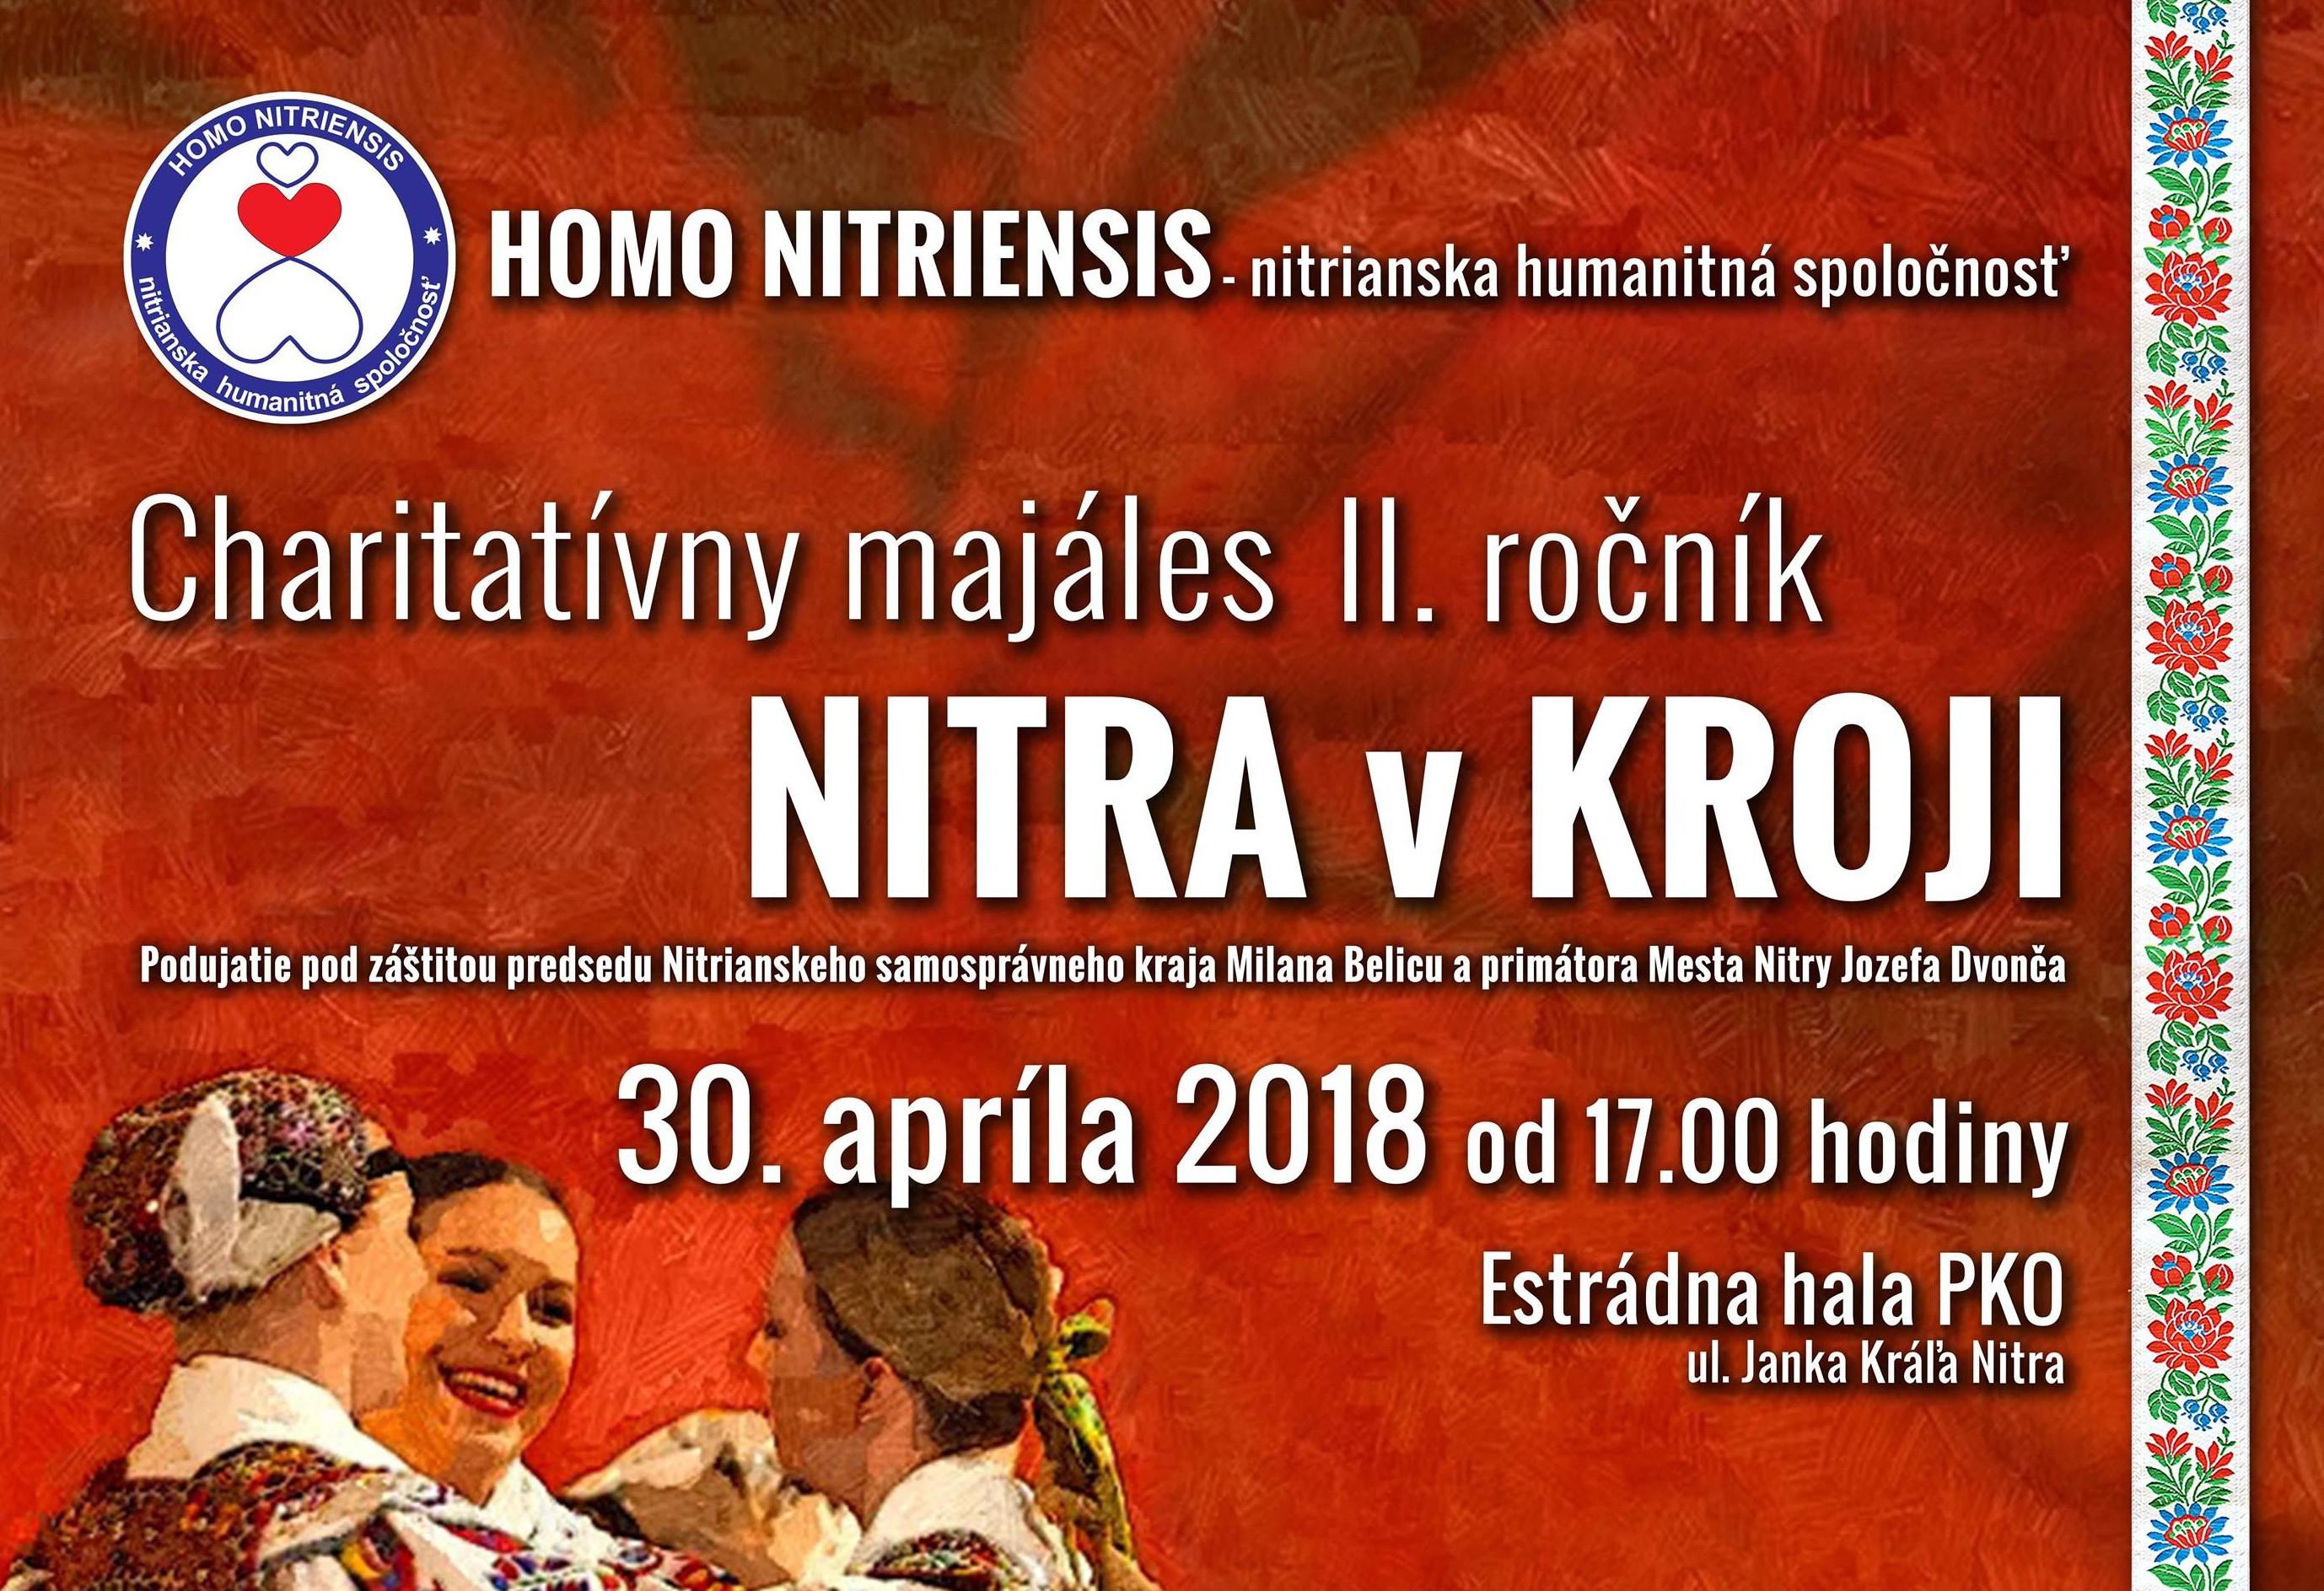 7da9541c3a1e Charitatívny Majáles NITRA v KROJI 2018 - Katalóg firiem